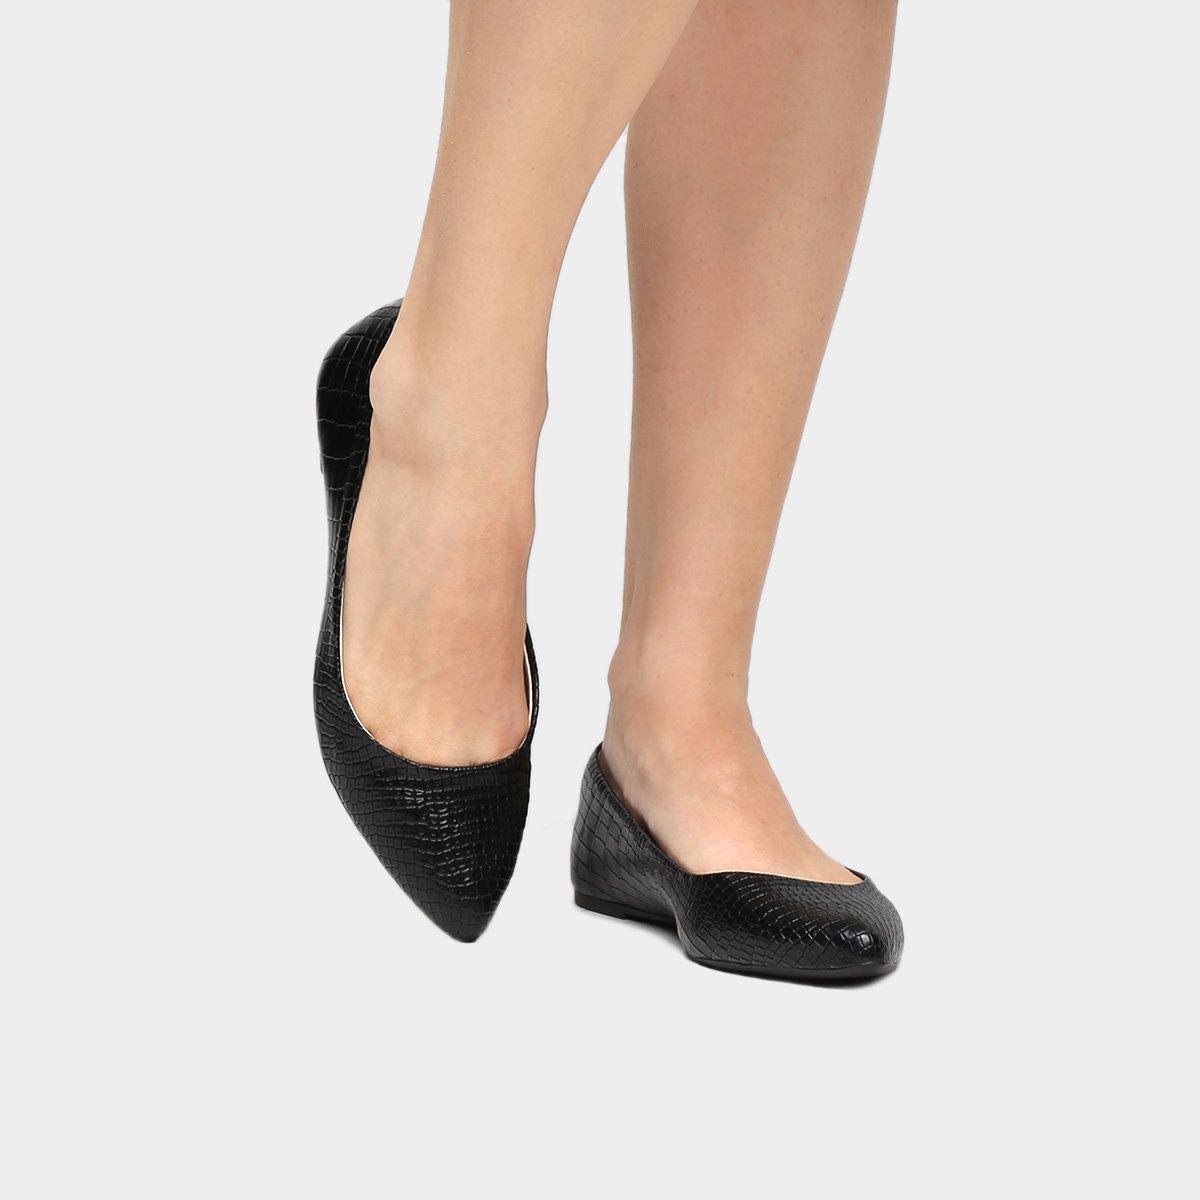 a6275c6d7 Sapatilha Shoestock Bico Fino Croco - Preto | Shoestock